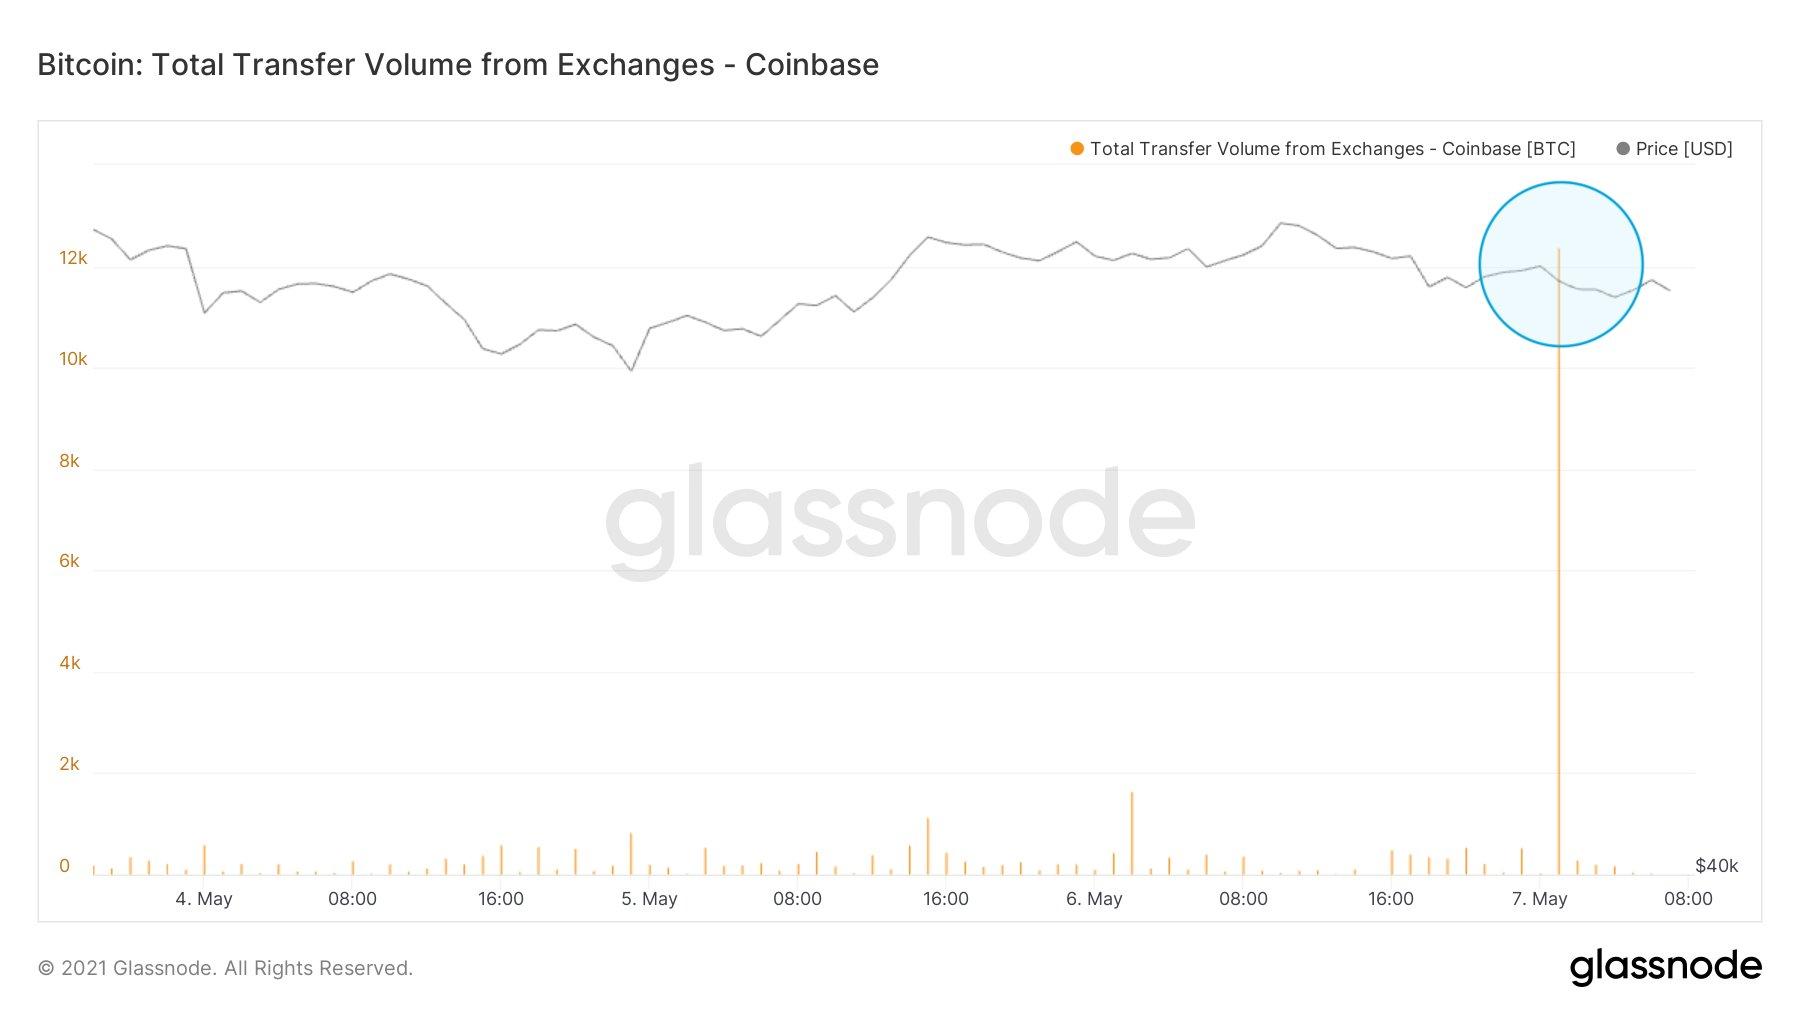 Grafico annotato dei deflussi di Bitcoin da Coinbase